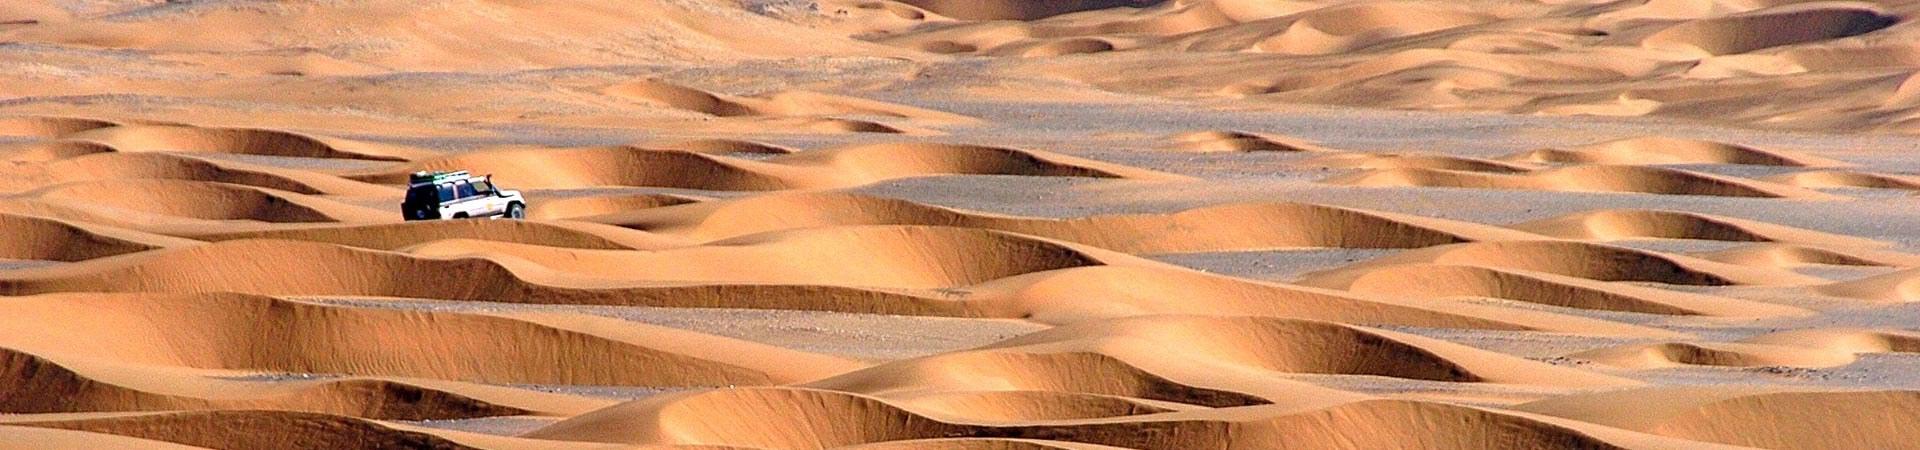 Fahrt durch dieWüste